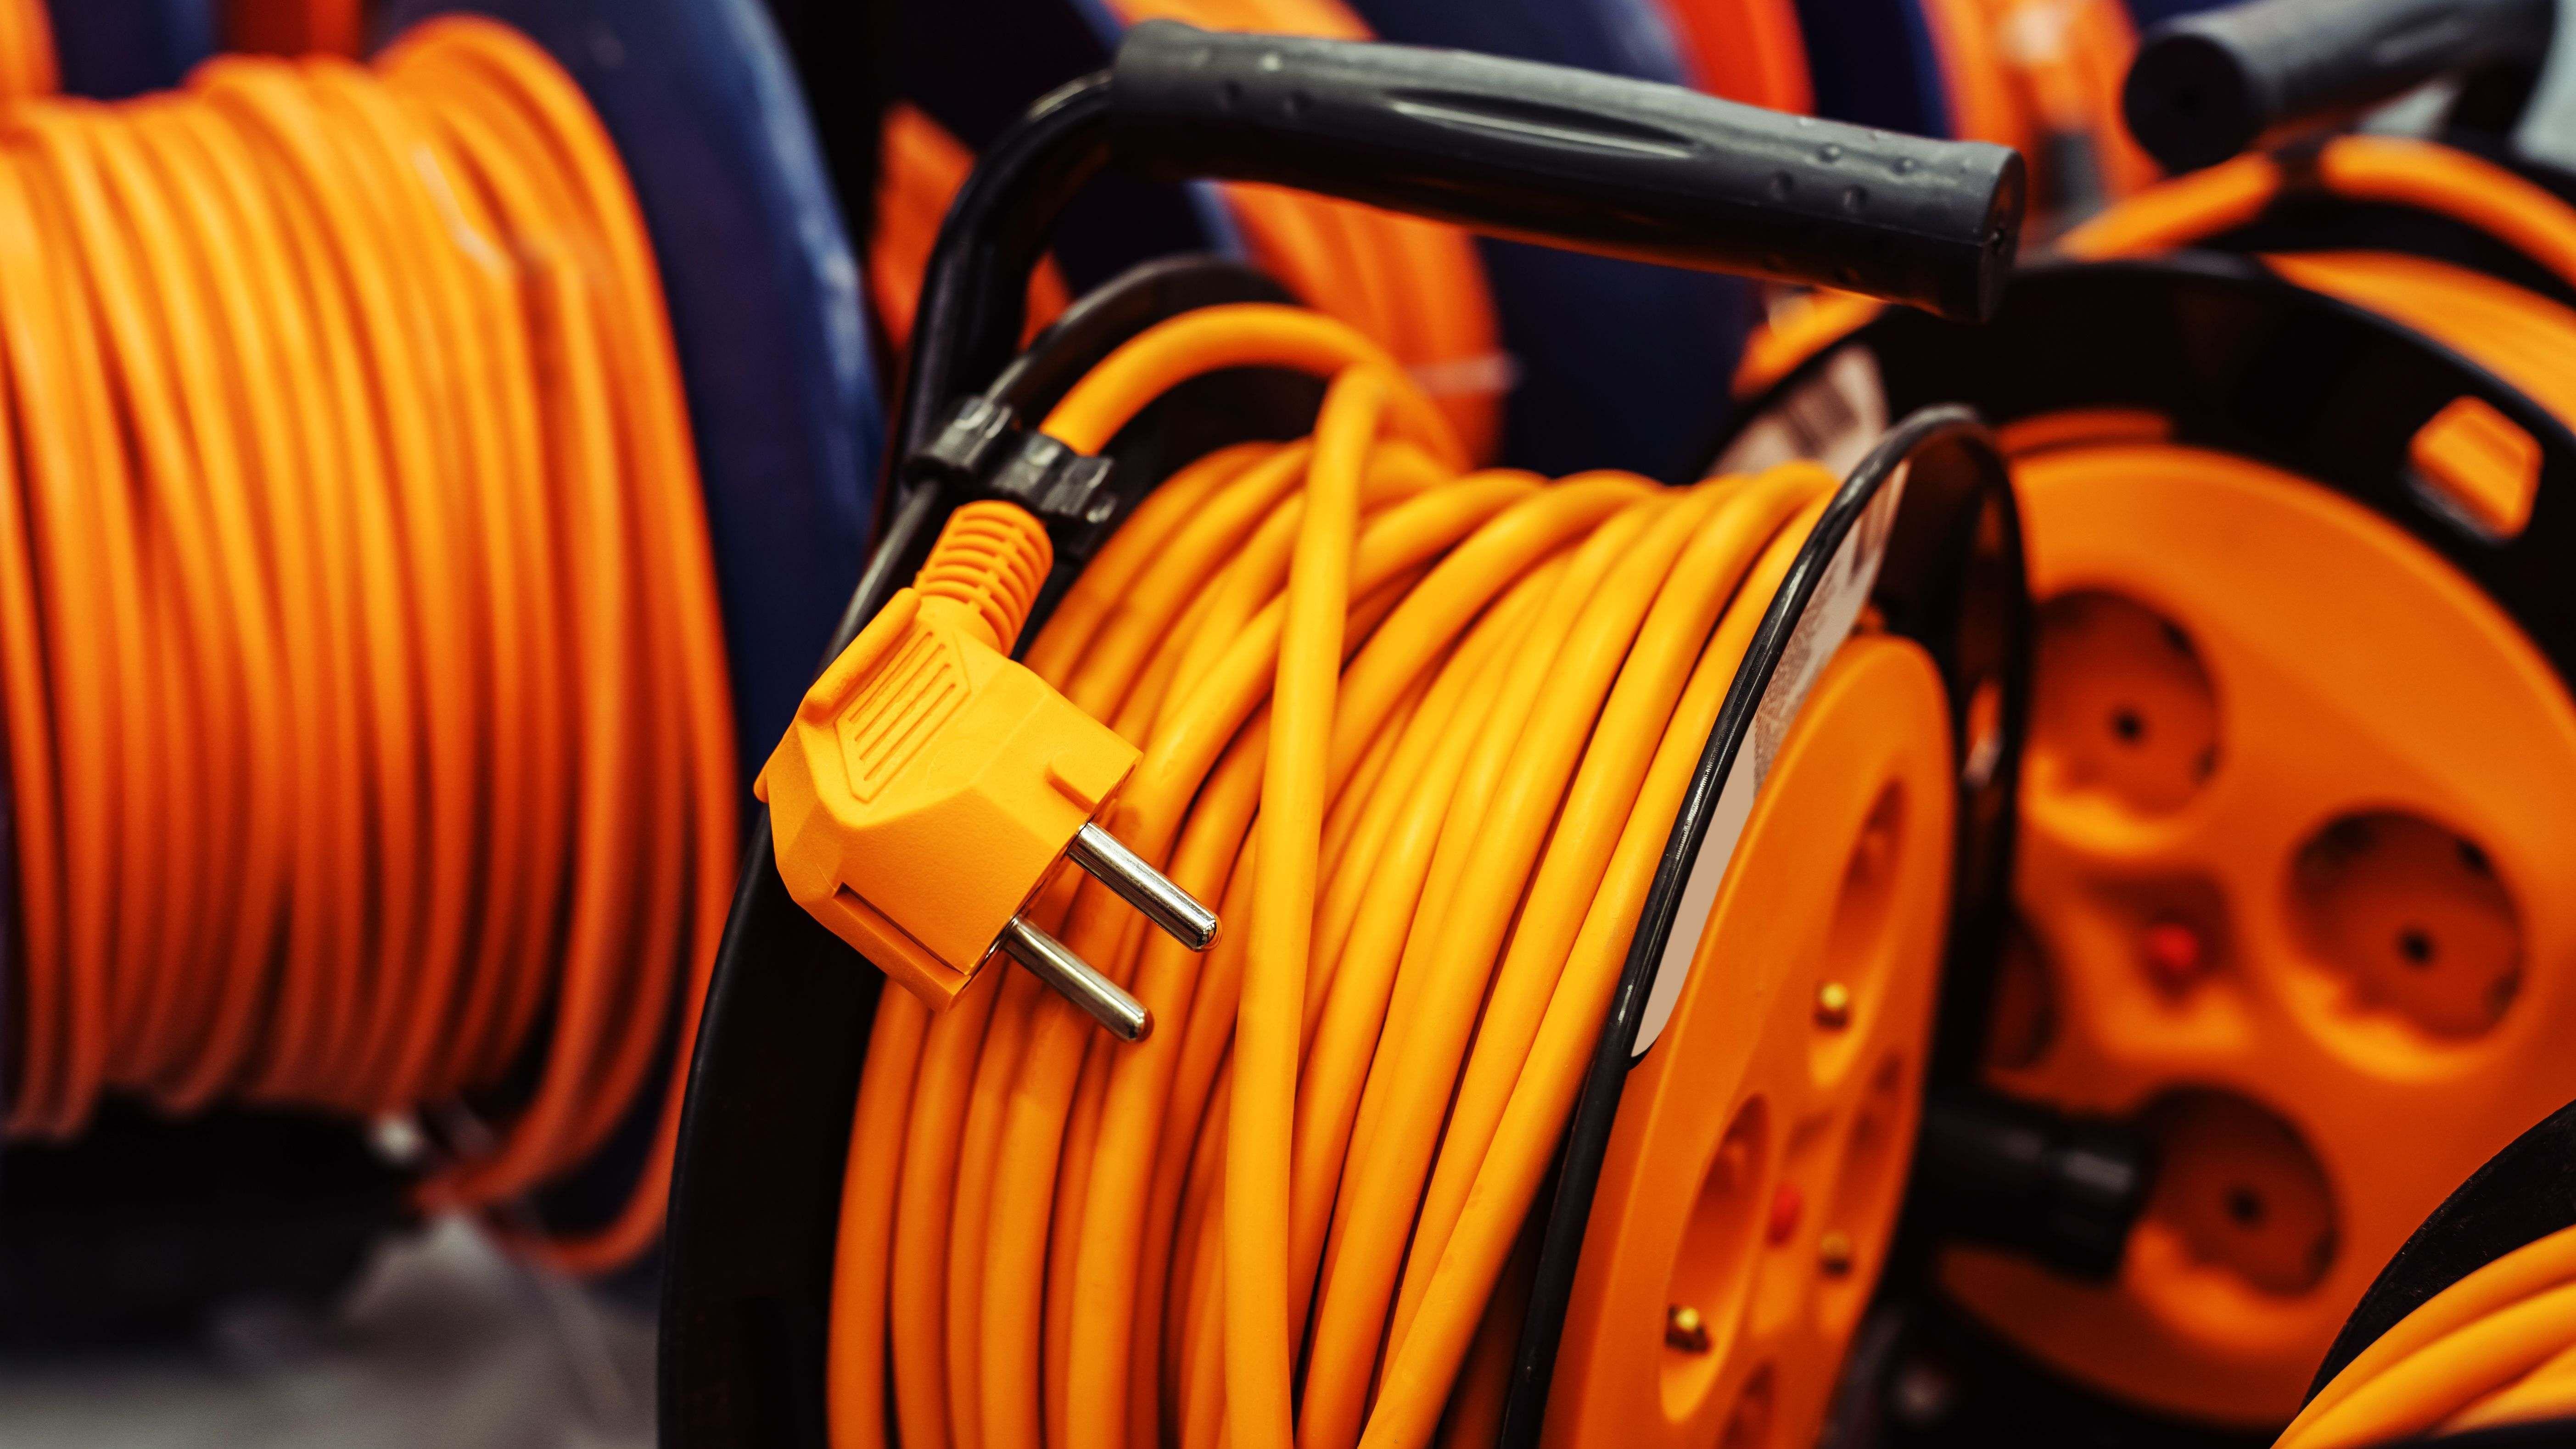 Come scegliere una prolunga o un avvolgicavo elettrico